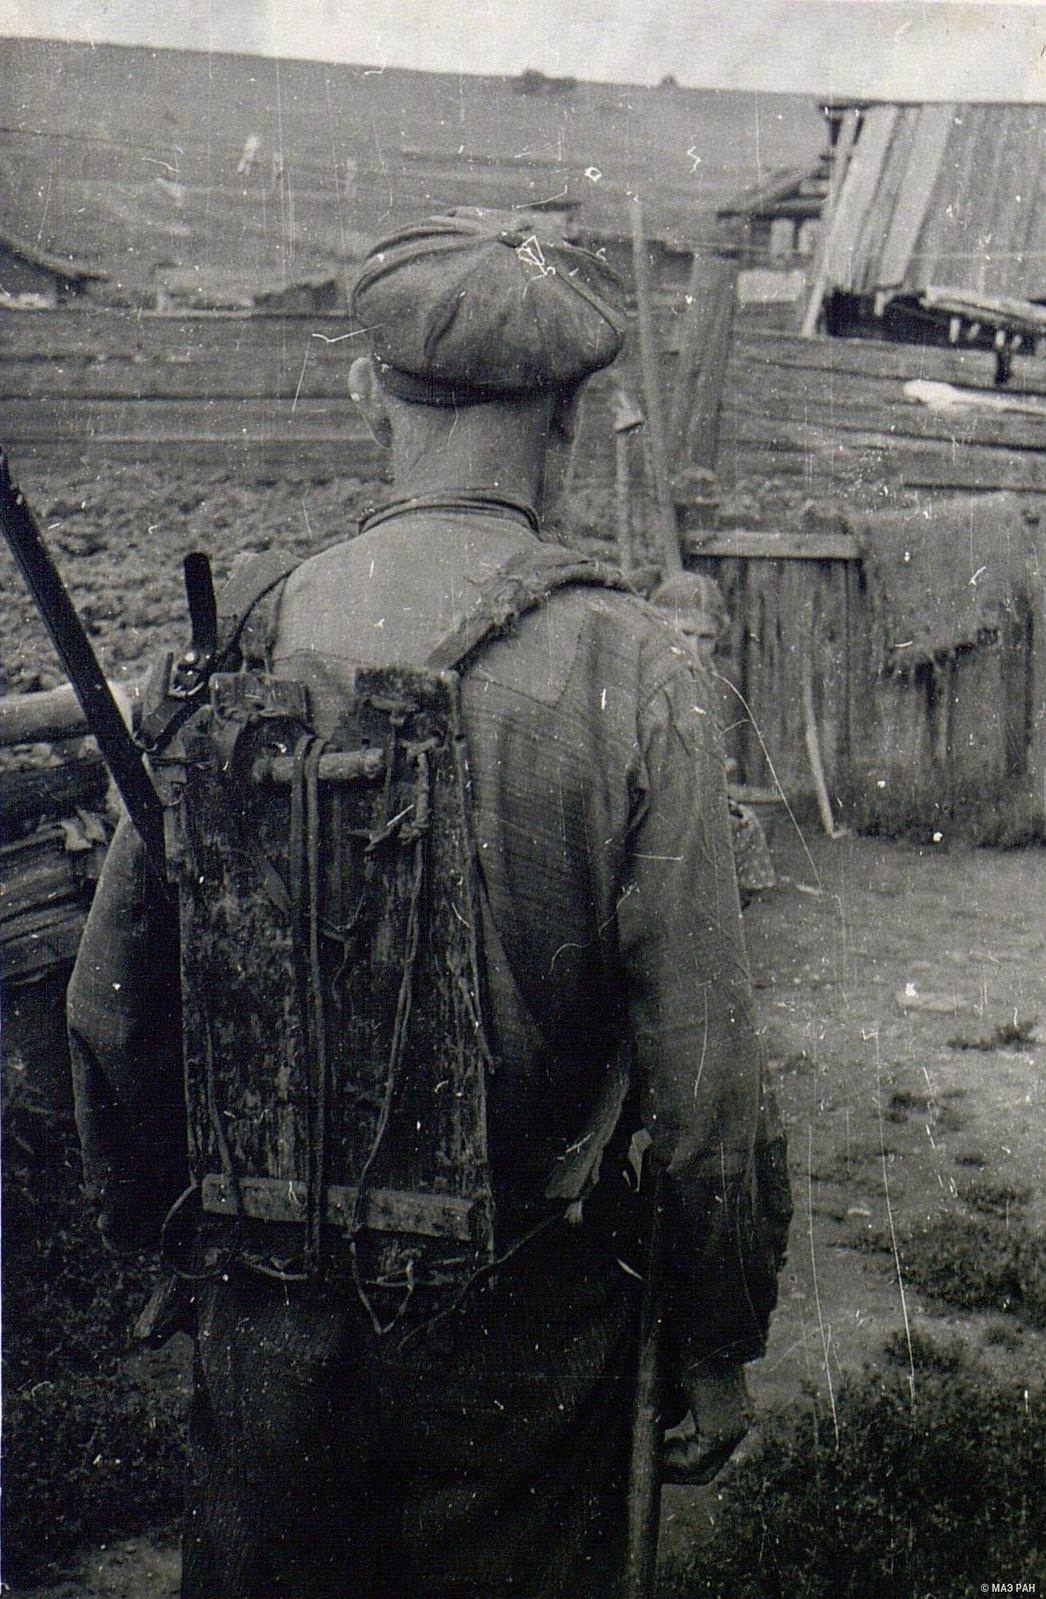 Охотник с «носилками» - приспособлениями для переноски тяжестей на спине